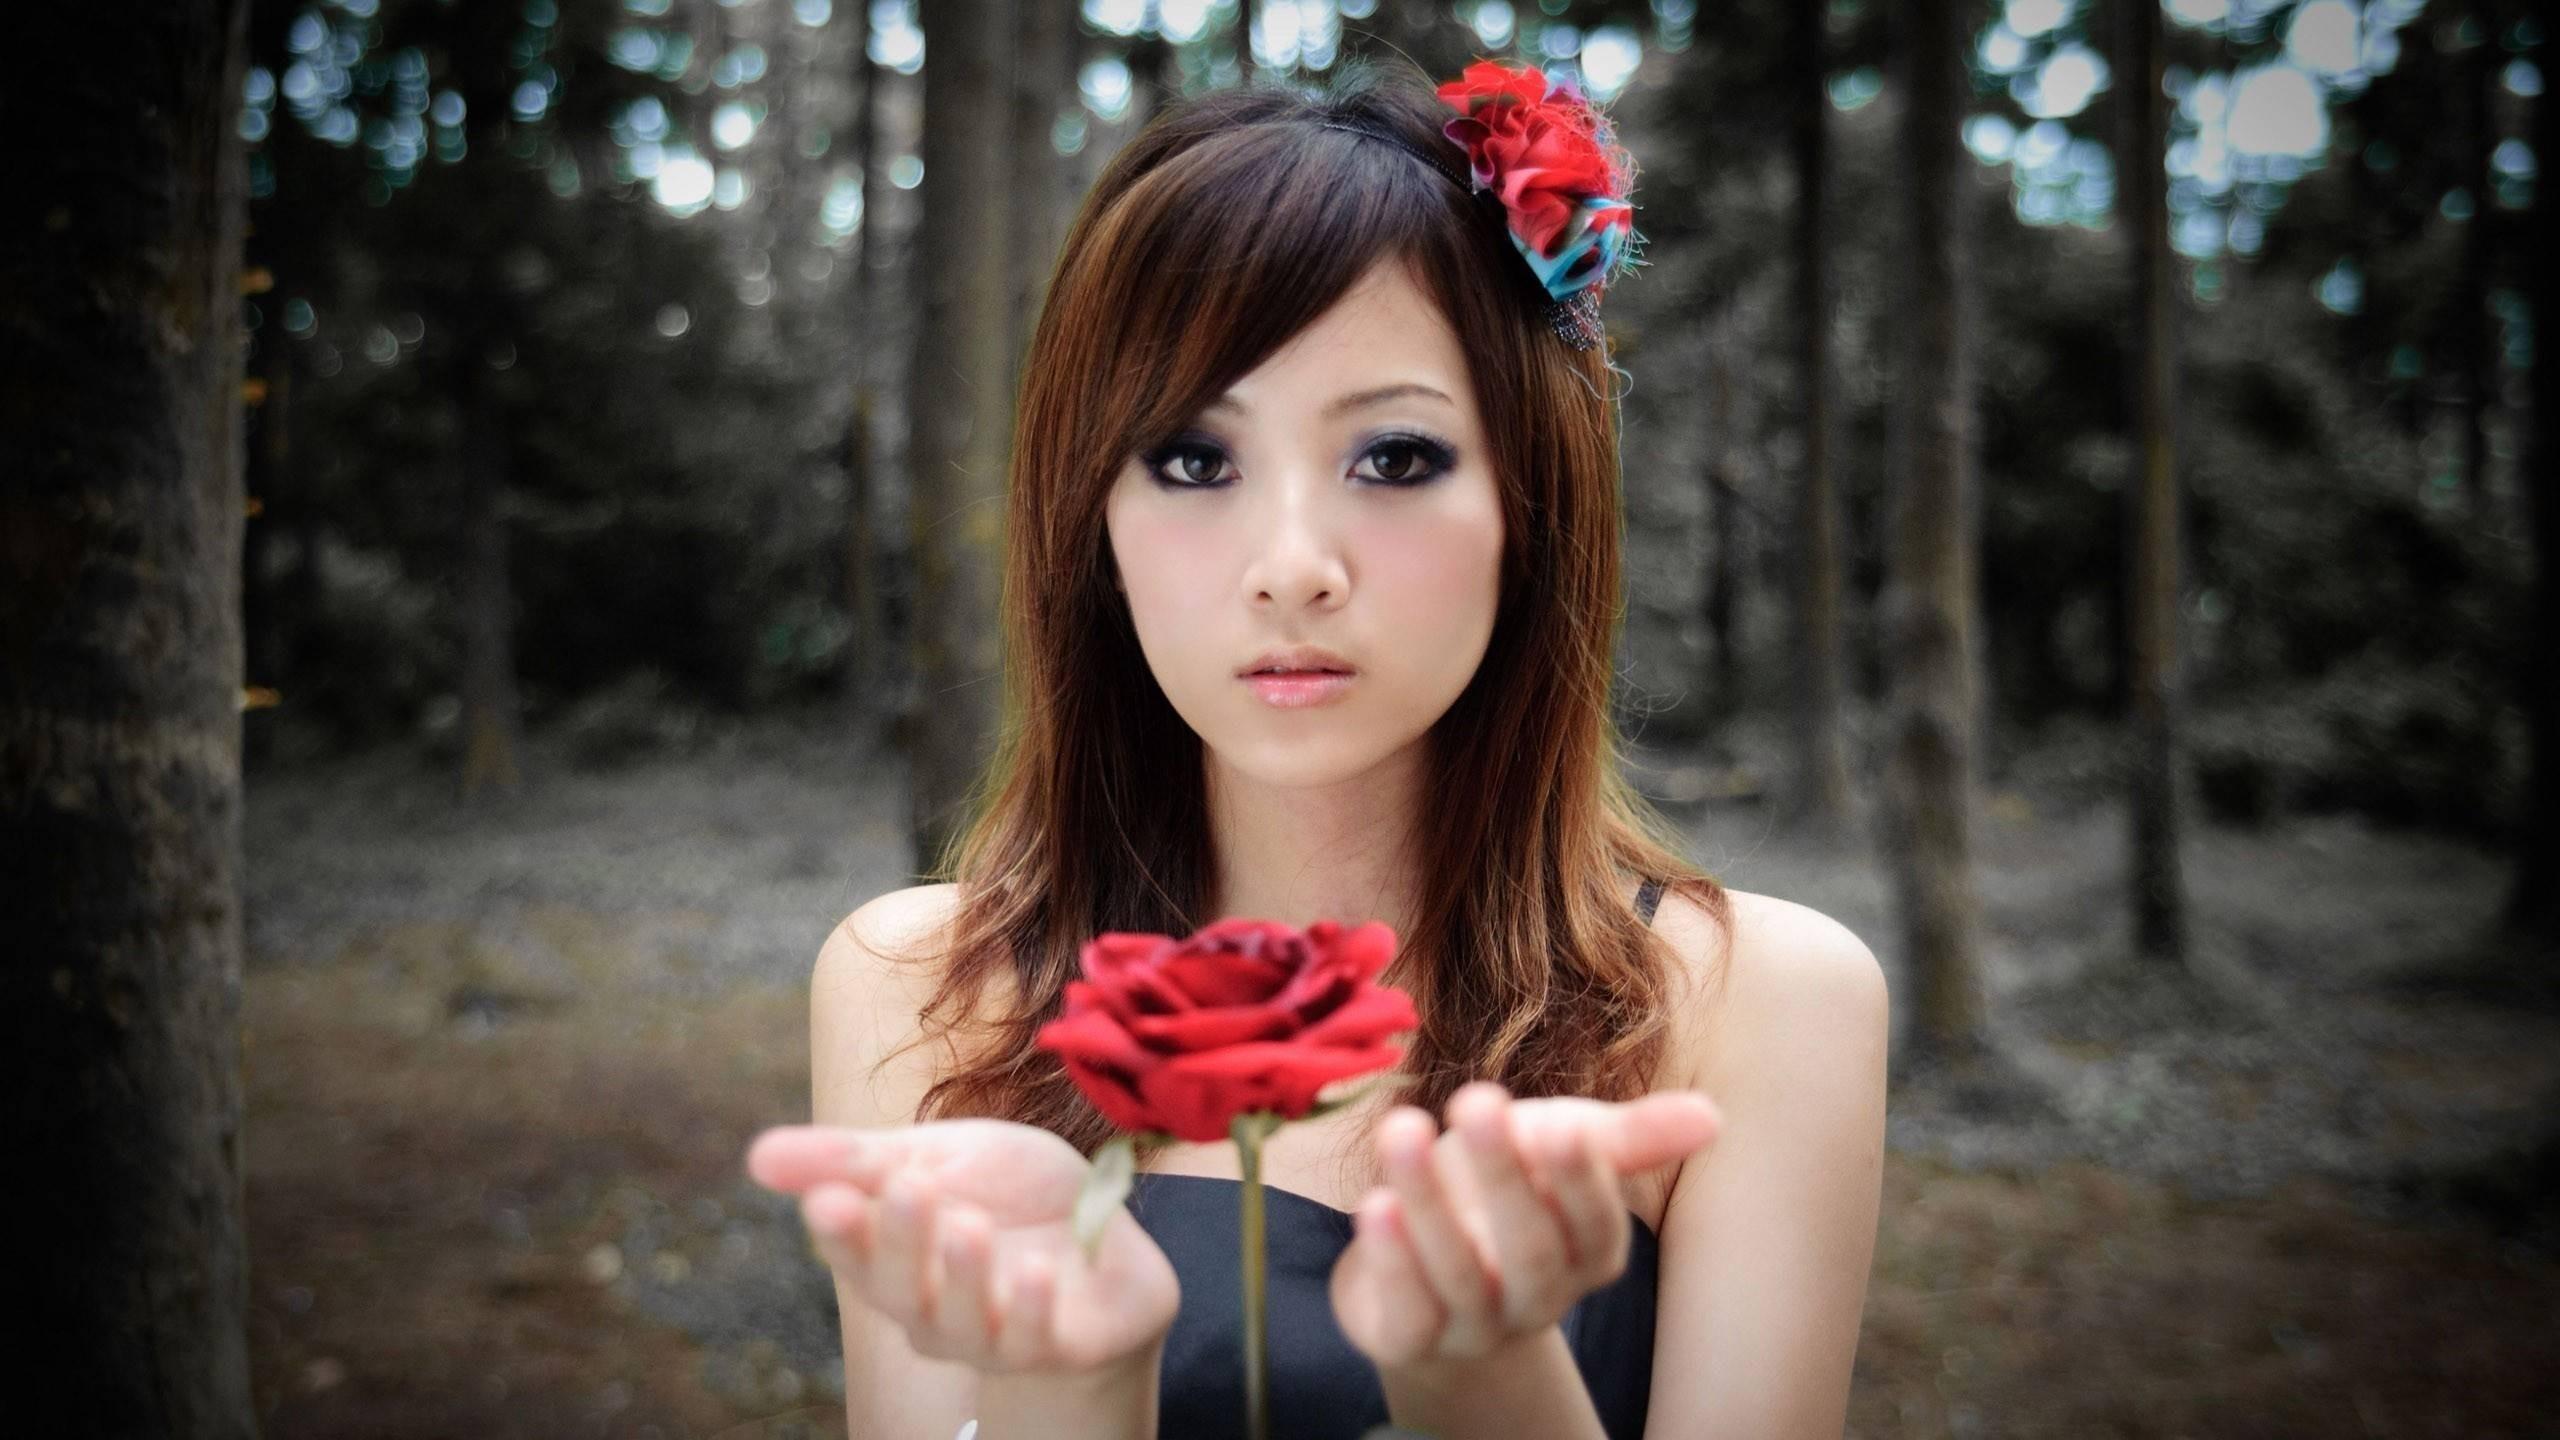 Смотреть картинки красивых девушек азиаток 12 фотография